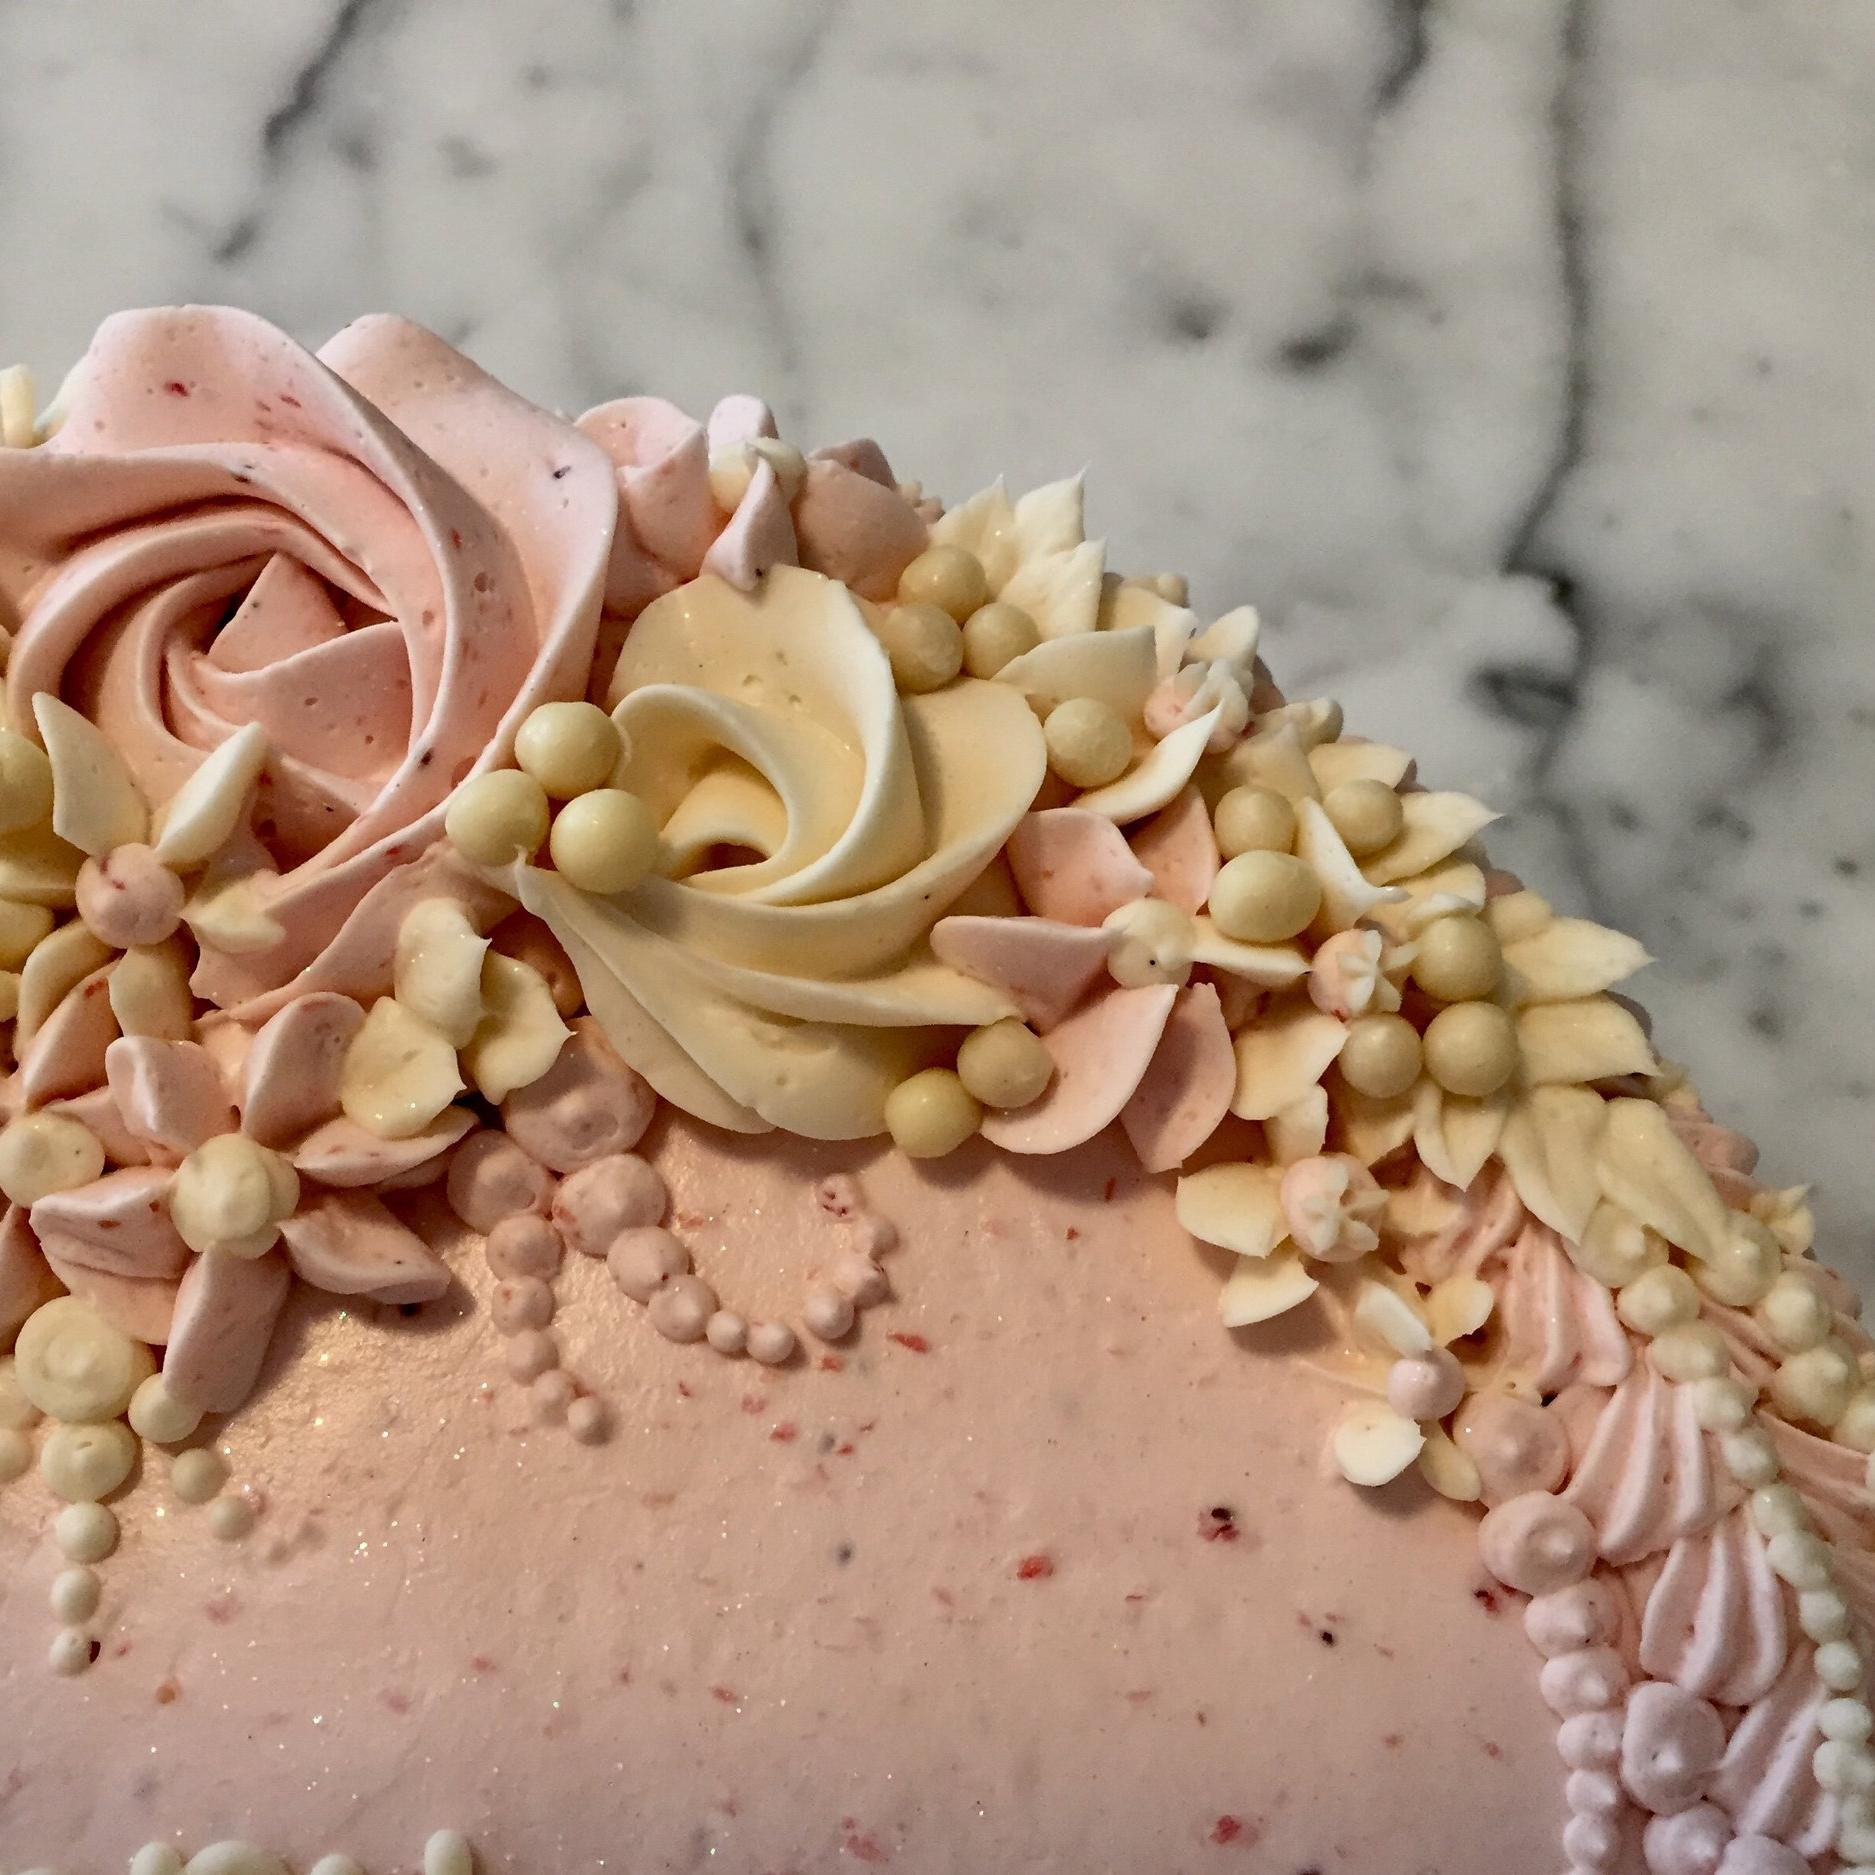 cake_detail.jpeg